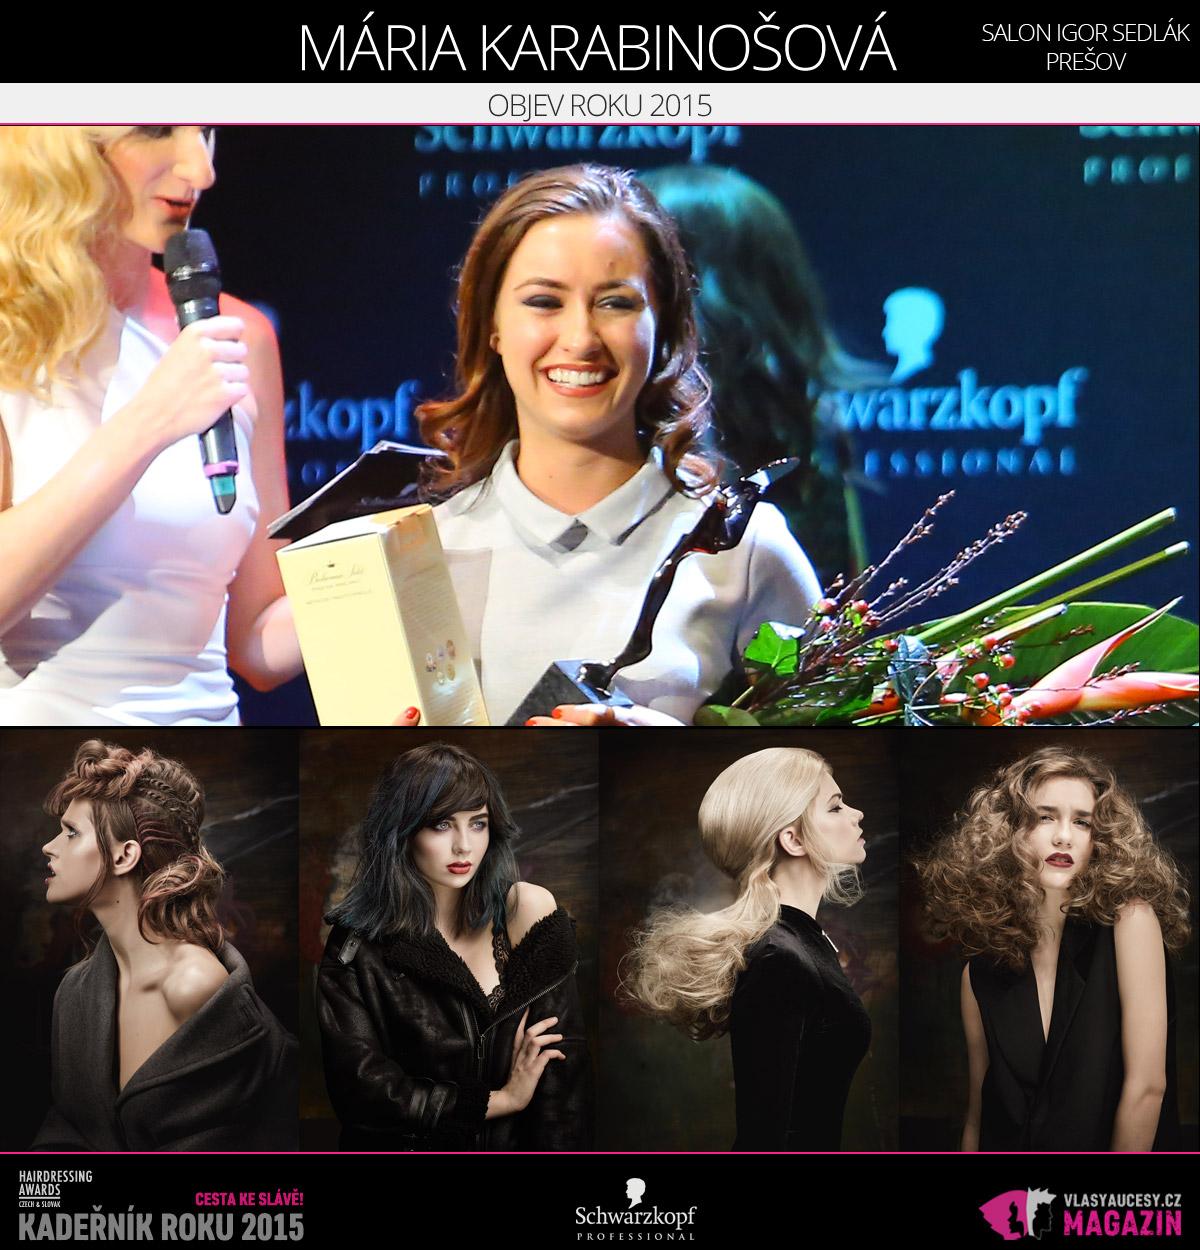 Vítězem v kategorii Objev roku Czech and Slovak Hairdressing Awards 2015 je Mária Karabinošová ze Salonu Igor Sedlák v Prešově.